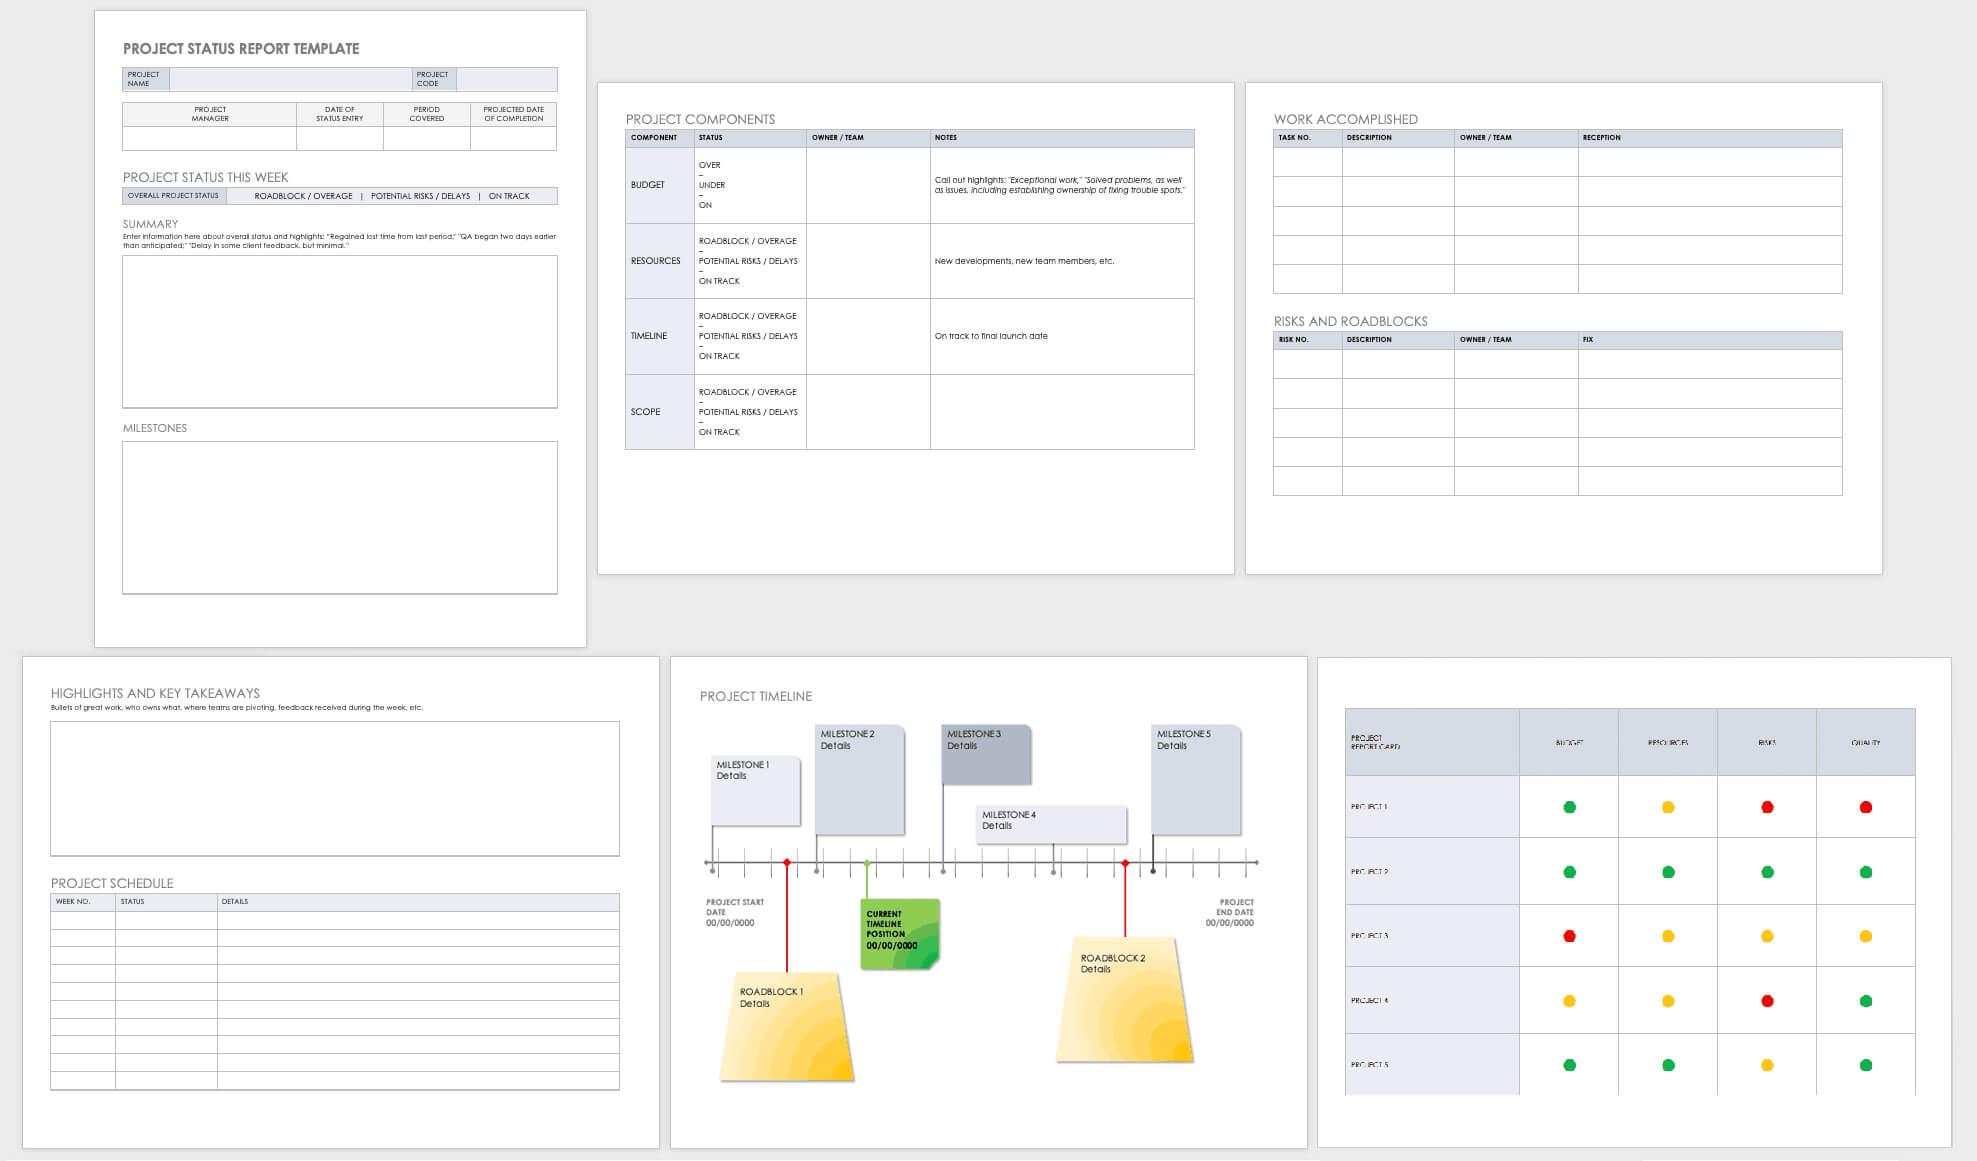 Free Project Report Templates | Smartsheet In Job Progress Report Template